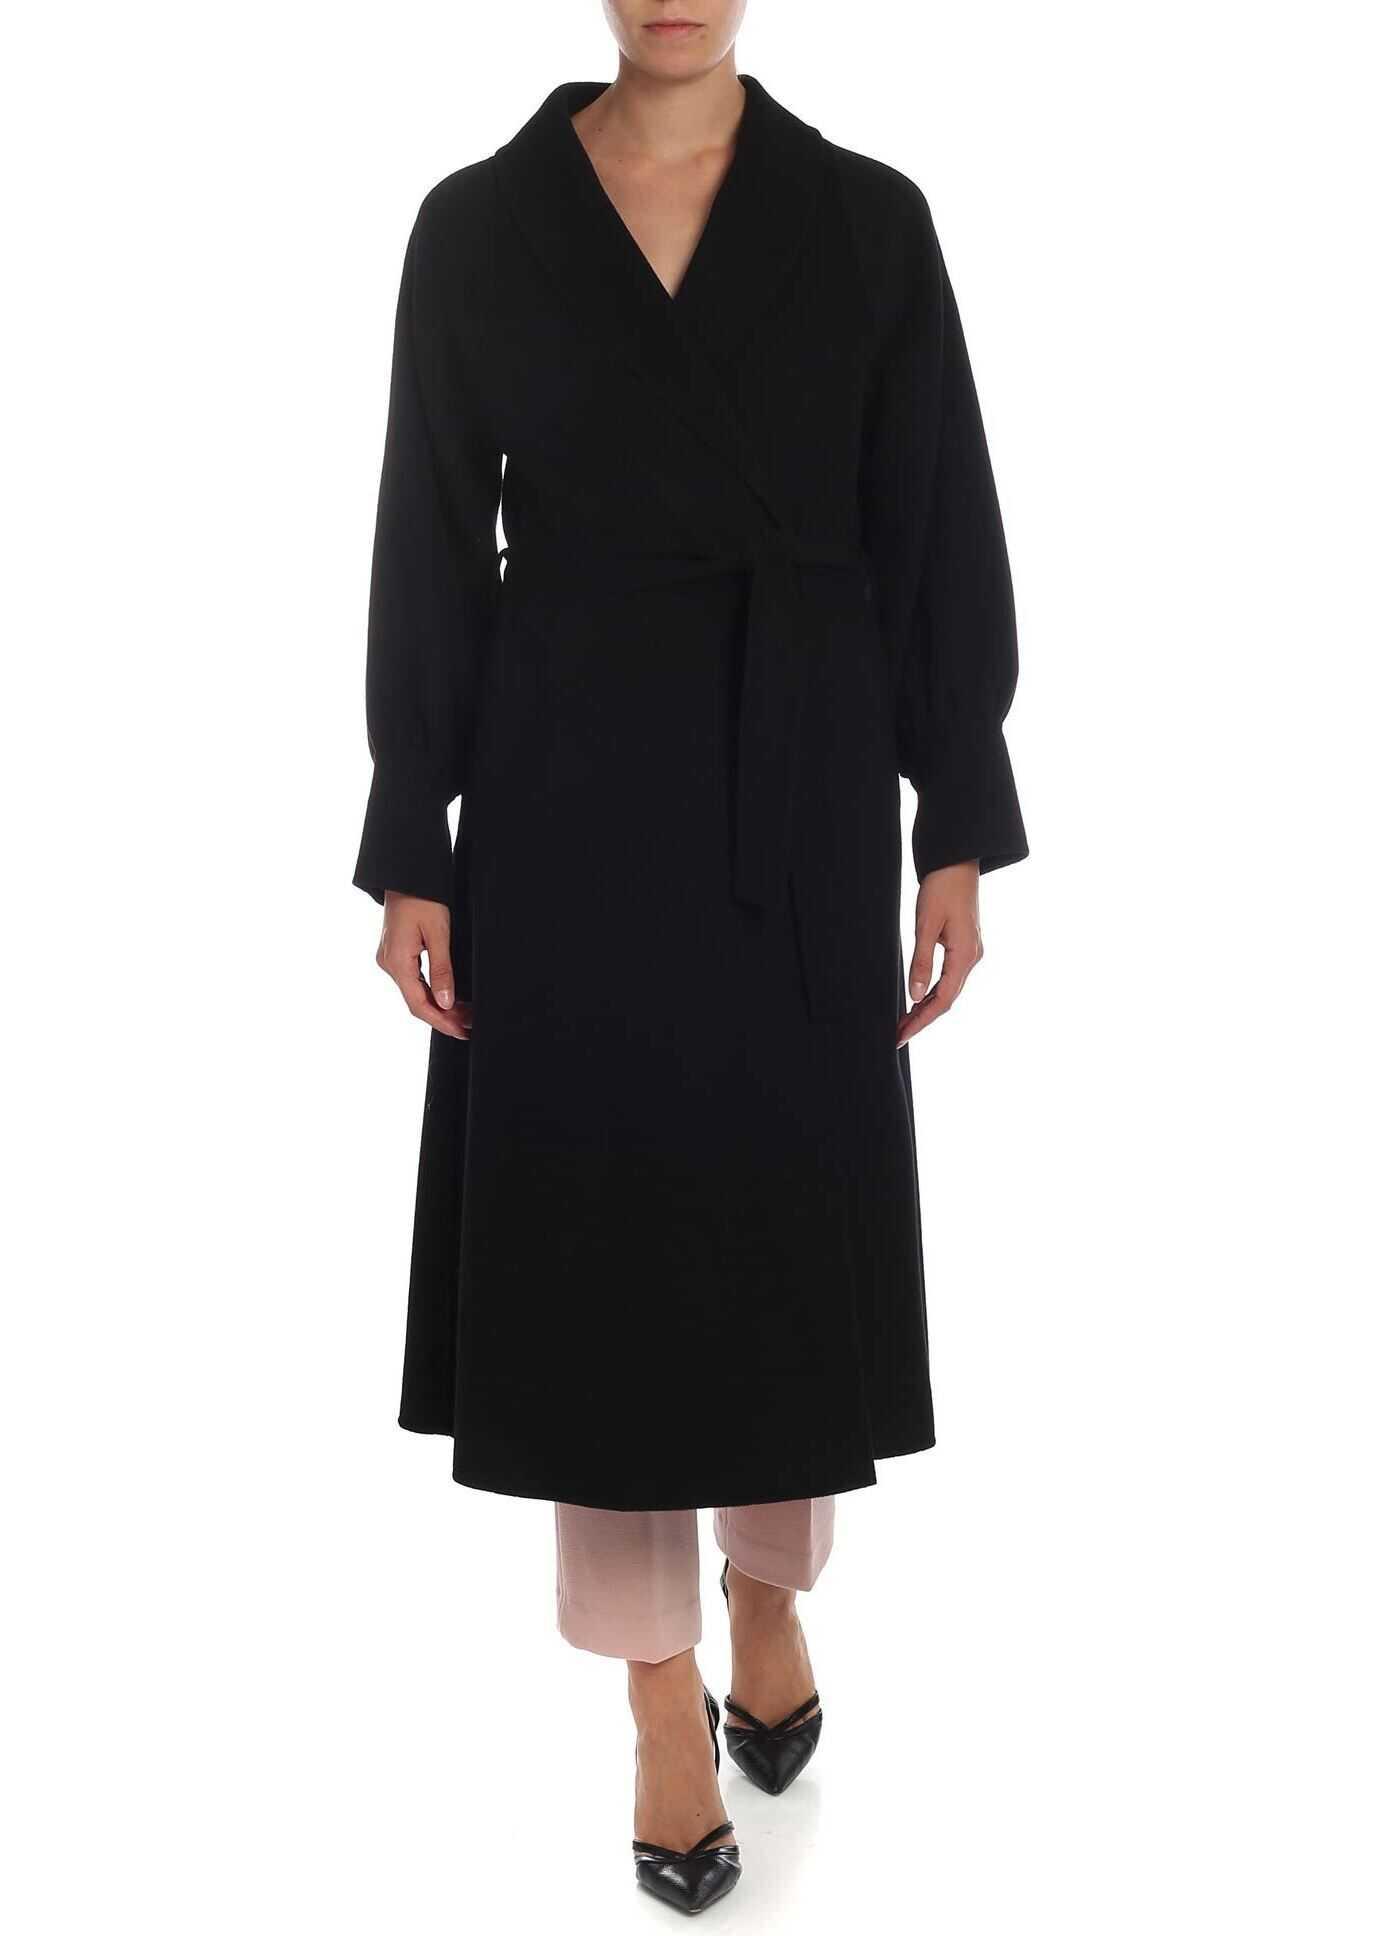 L'Autre Chose Shawl Lapels Coat In Black Black